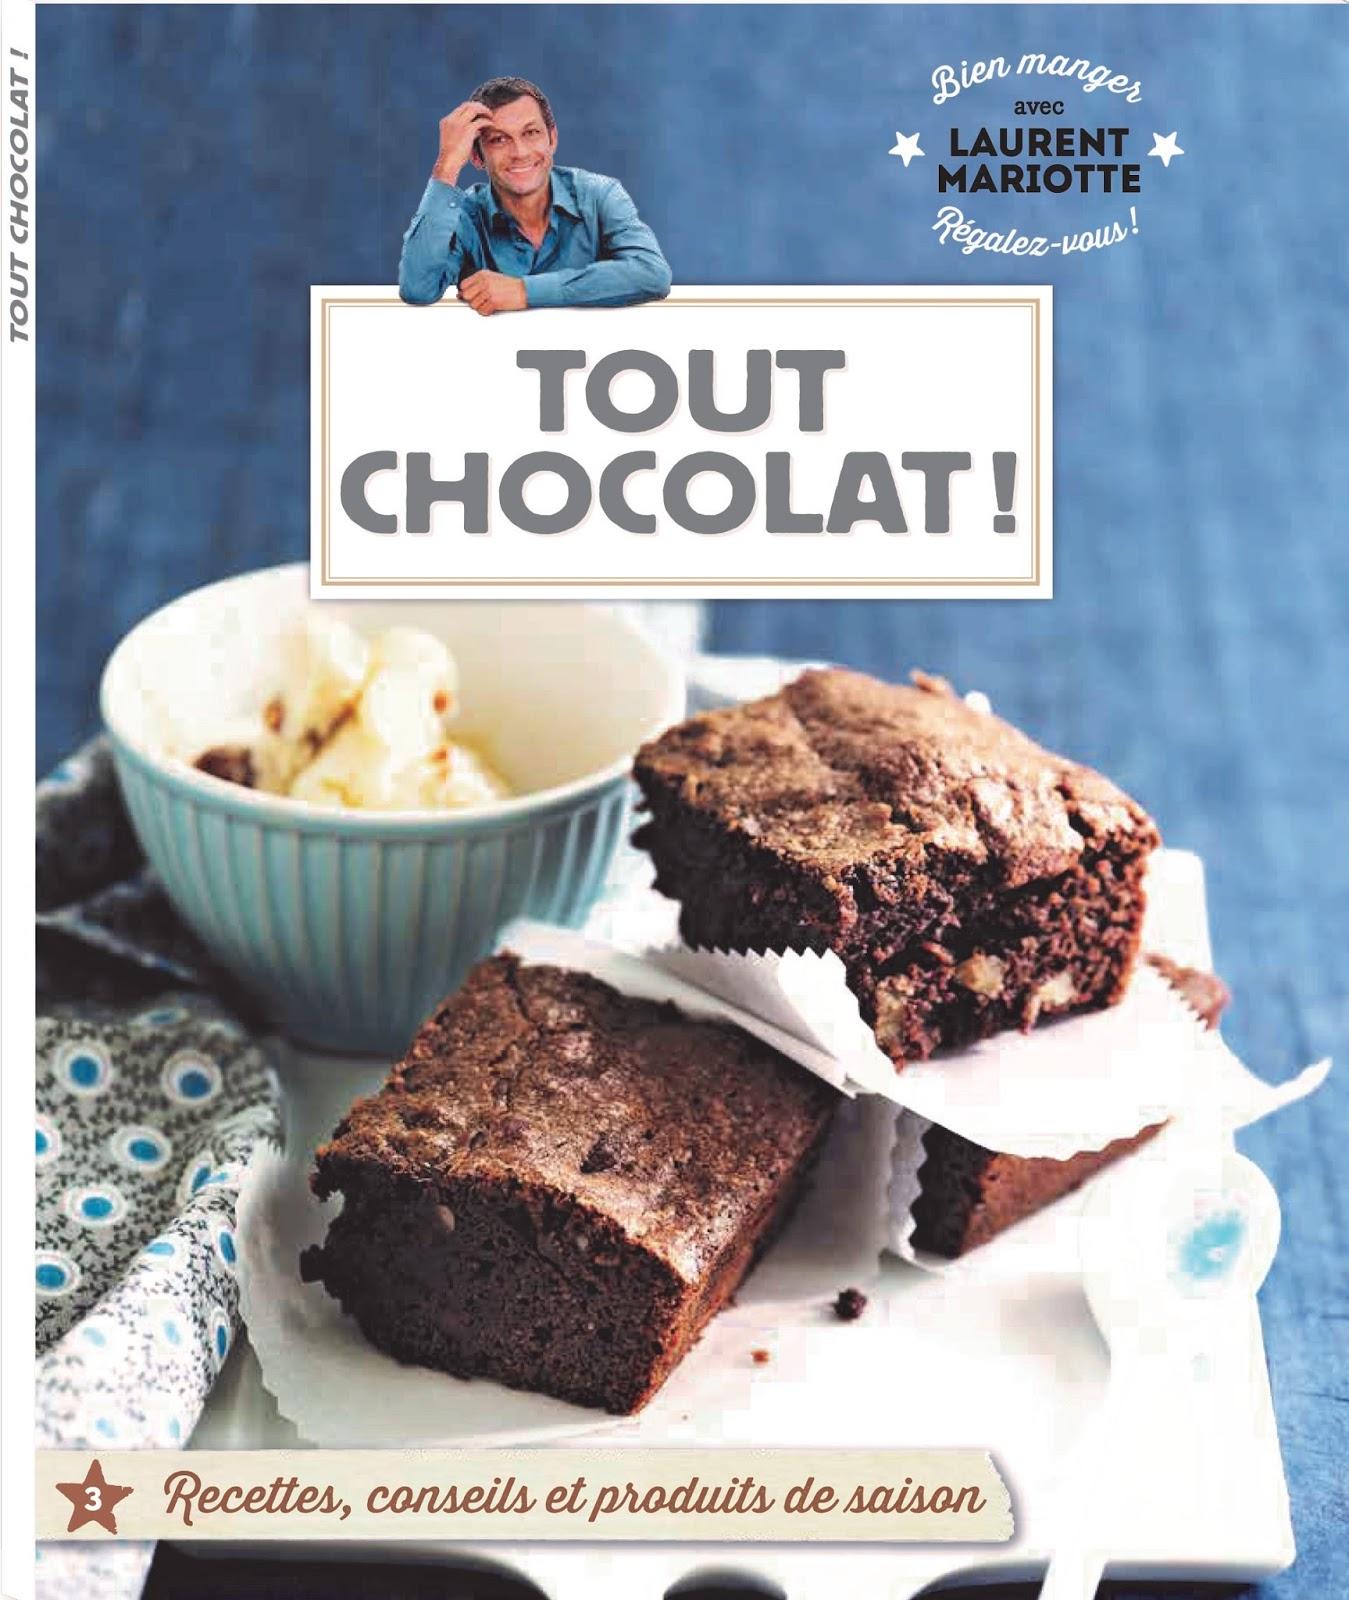 Retrouvez d 39 autres recettes chocolat es avec la collection bien manger laurent mariotte - Toutes les recettes de laurent mariotte ...